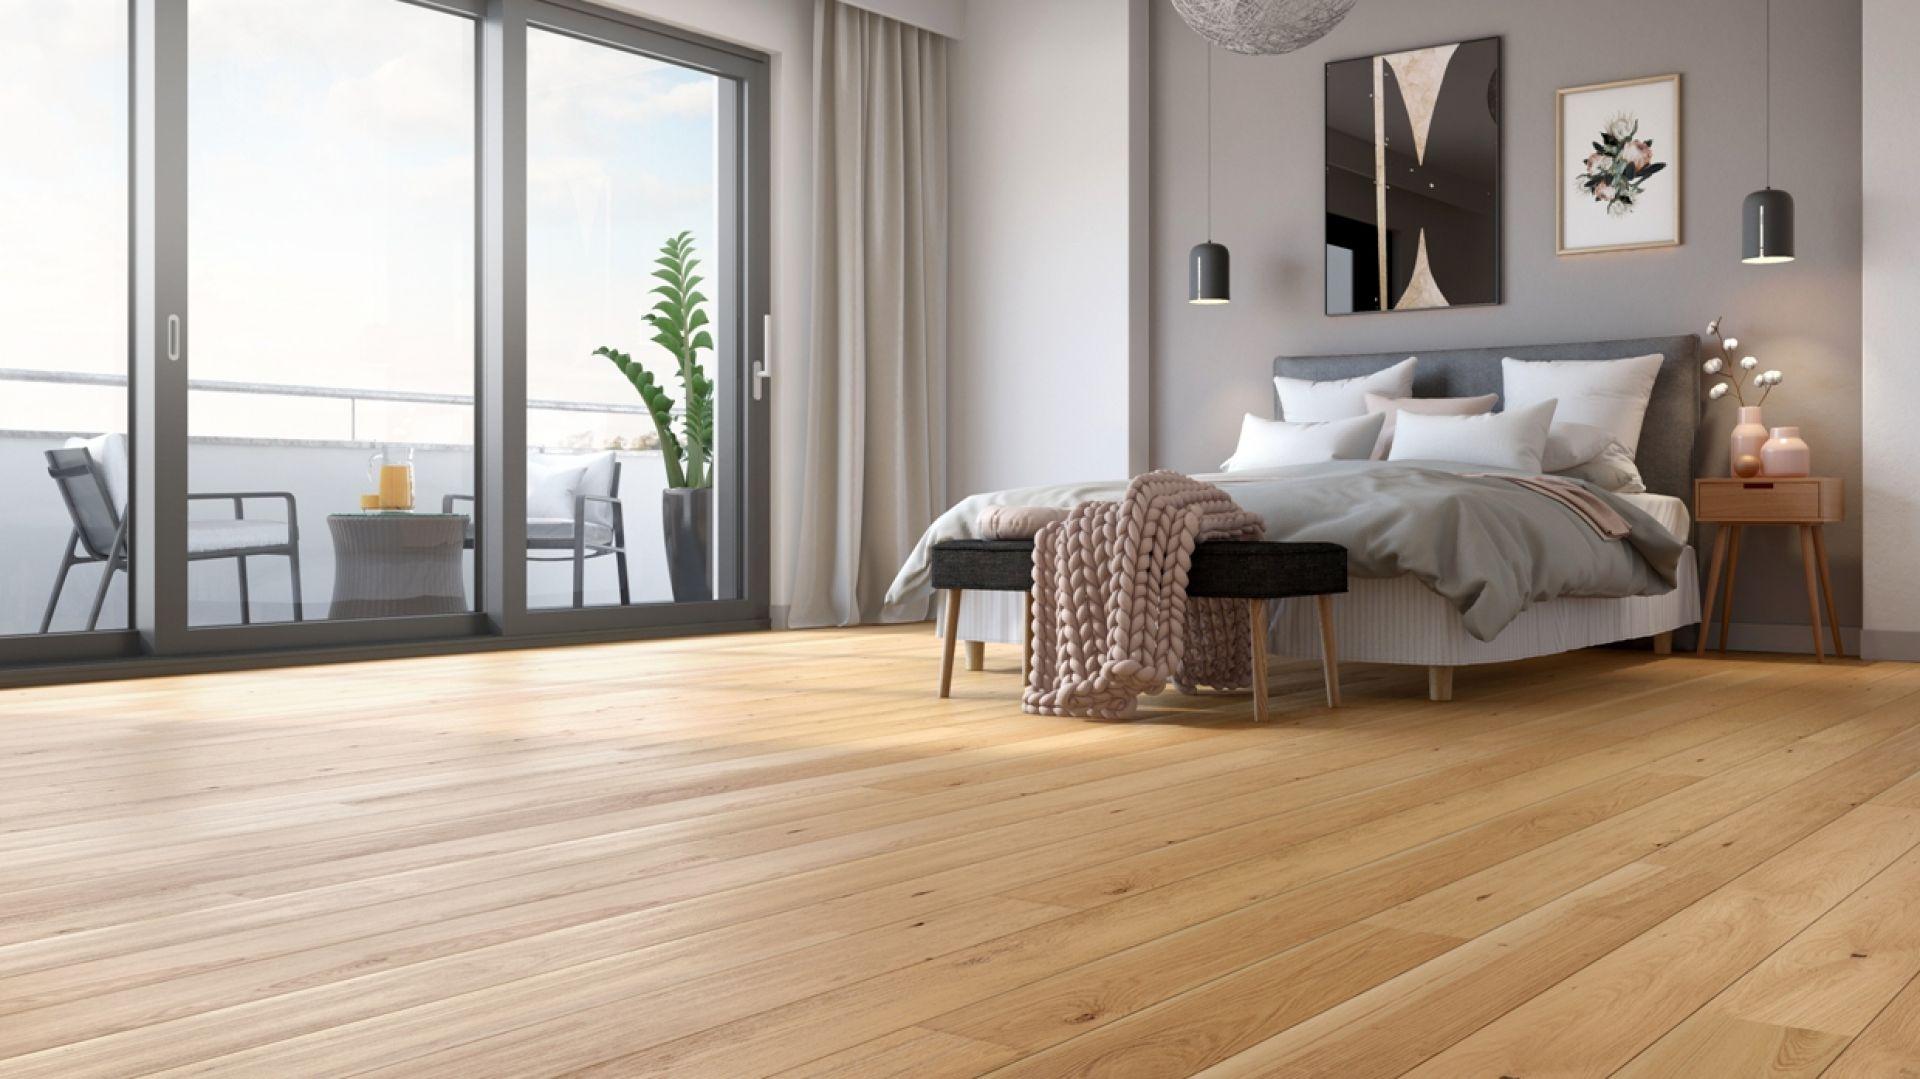 Dębowa podłoga. Fot. Baltic Wood